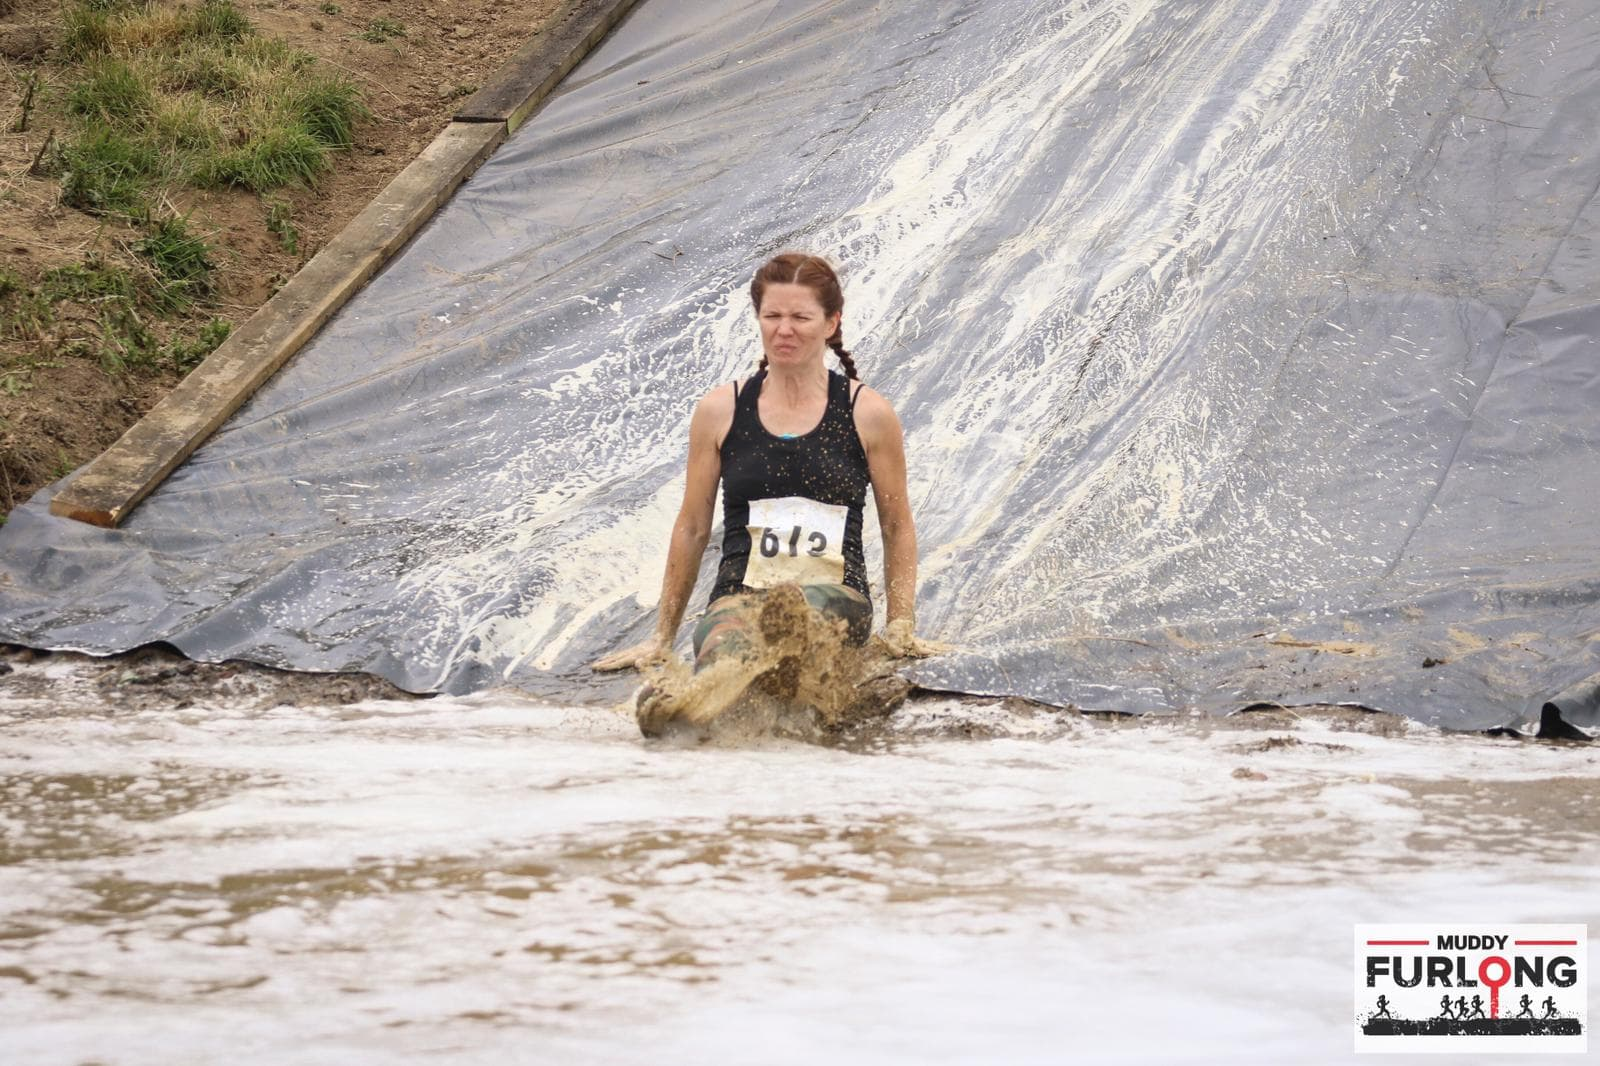 Muddy Furlong 81